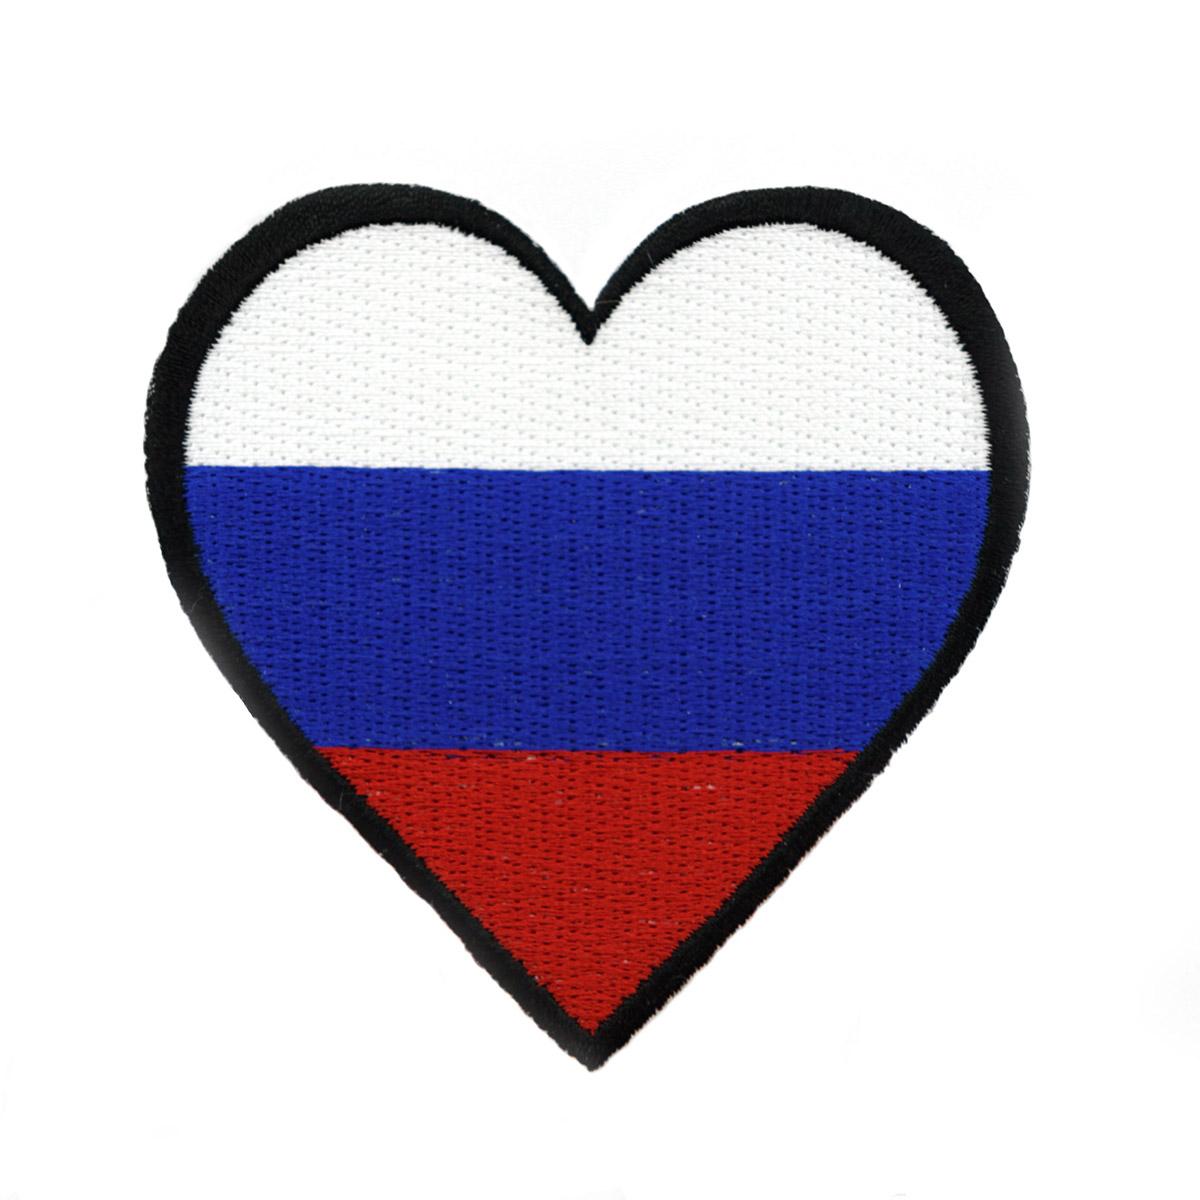 AD1008 Термоаппликация 'Флаг России в форме сердца', 7,5*7,5 см, Hobby&Pro